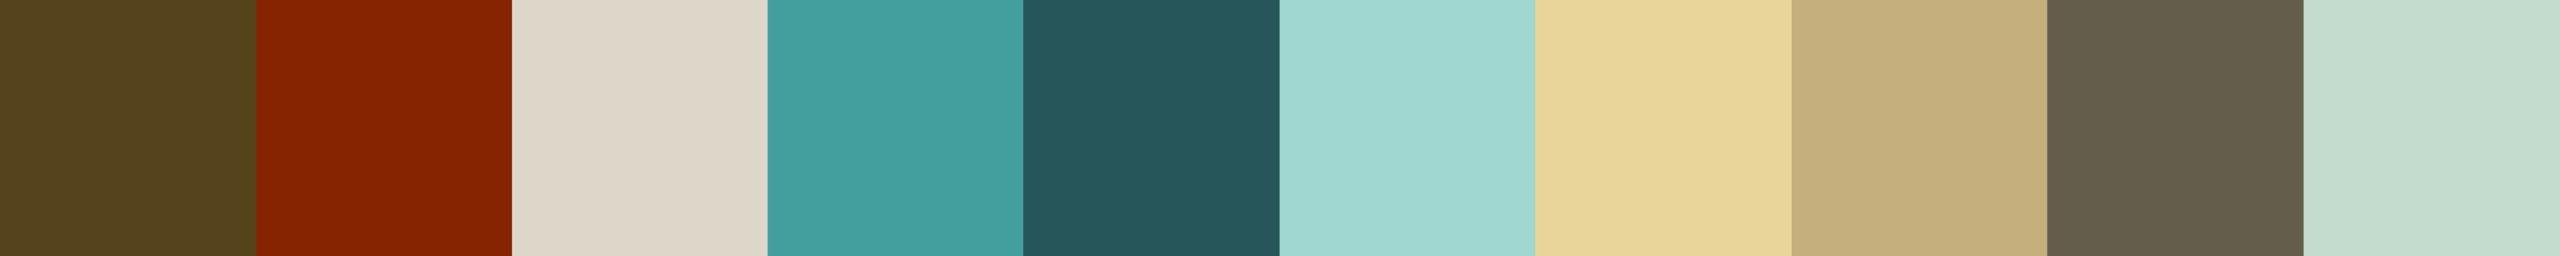 790 Ranawa Color Palette